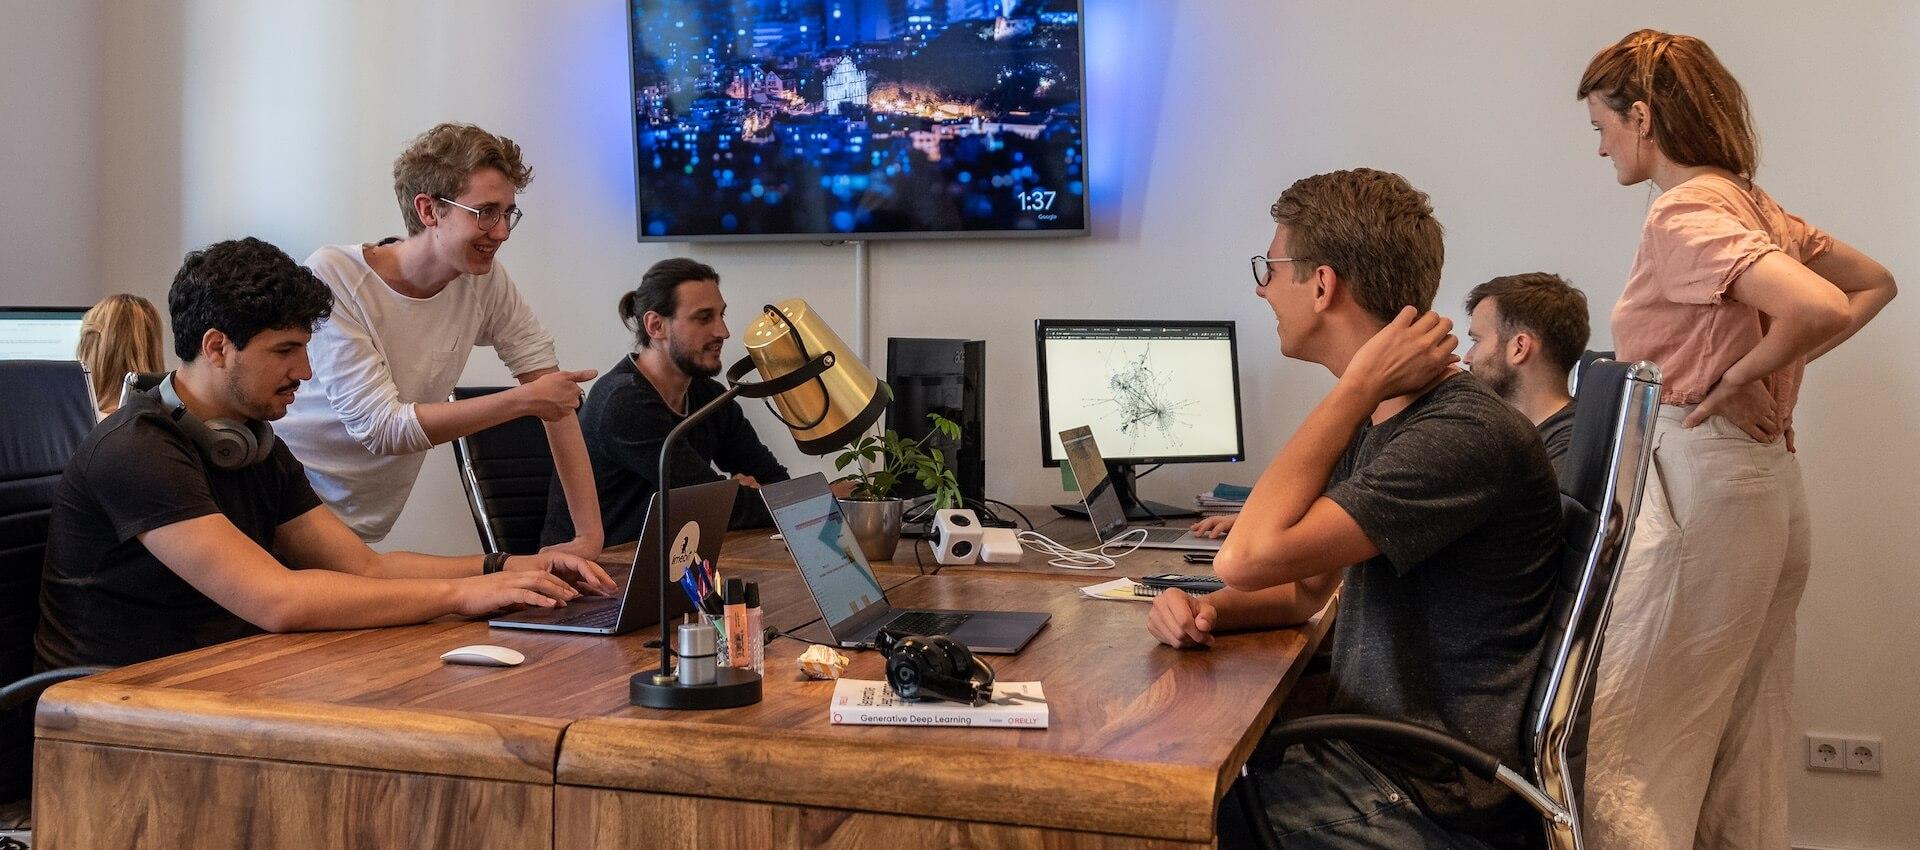 Das Limebit Team arbeitet im Büro an Machine Learning Projekten für Kunden